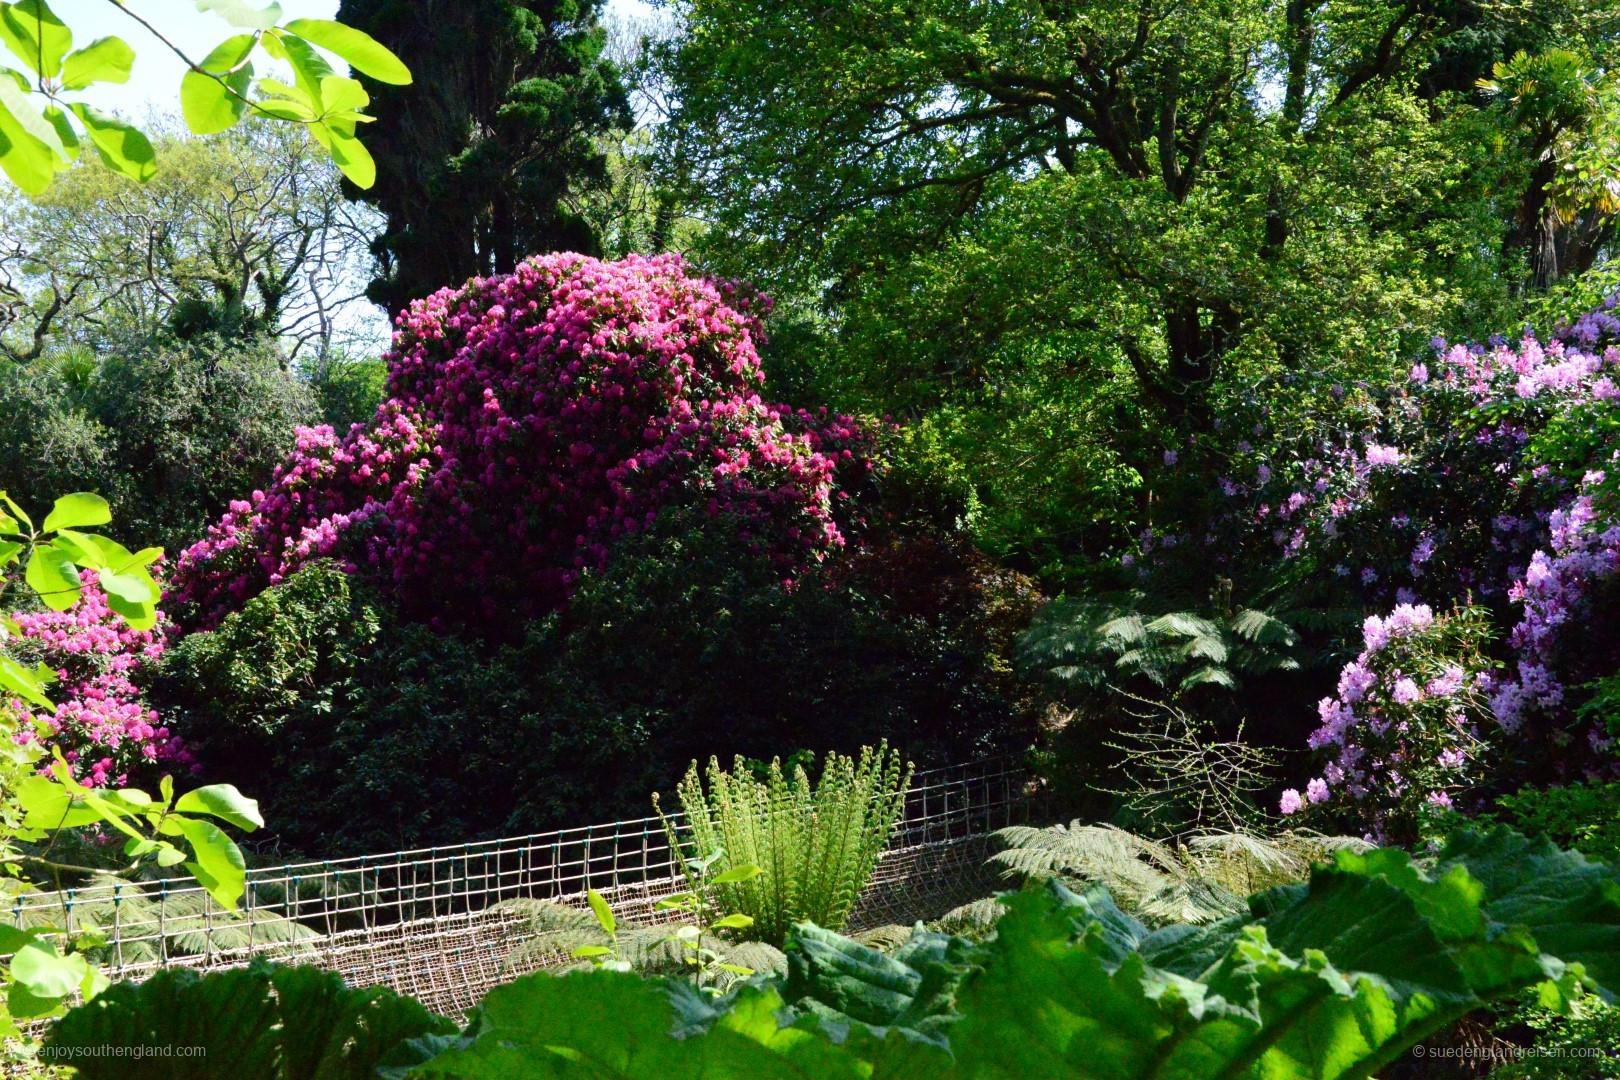 Üppige Rhododendren in einem tiefen Tal, dem Dschungel der Lost Gardens of Heligan